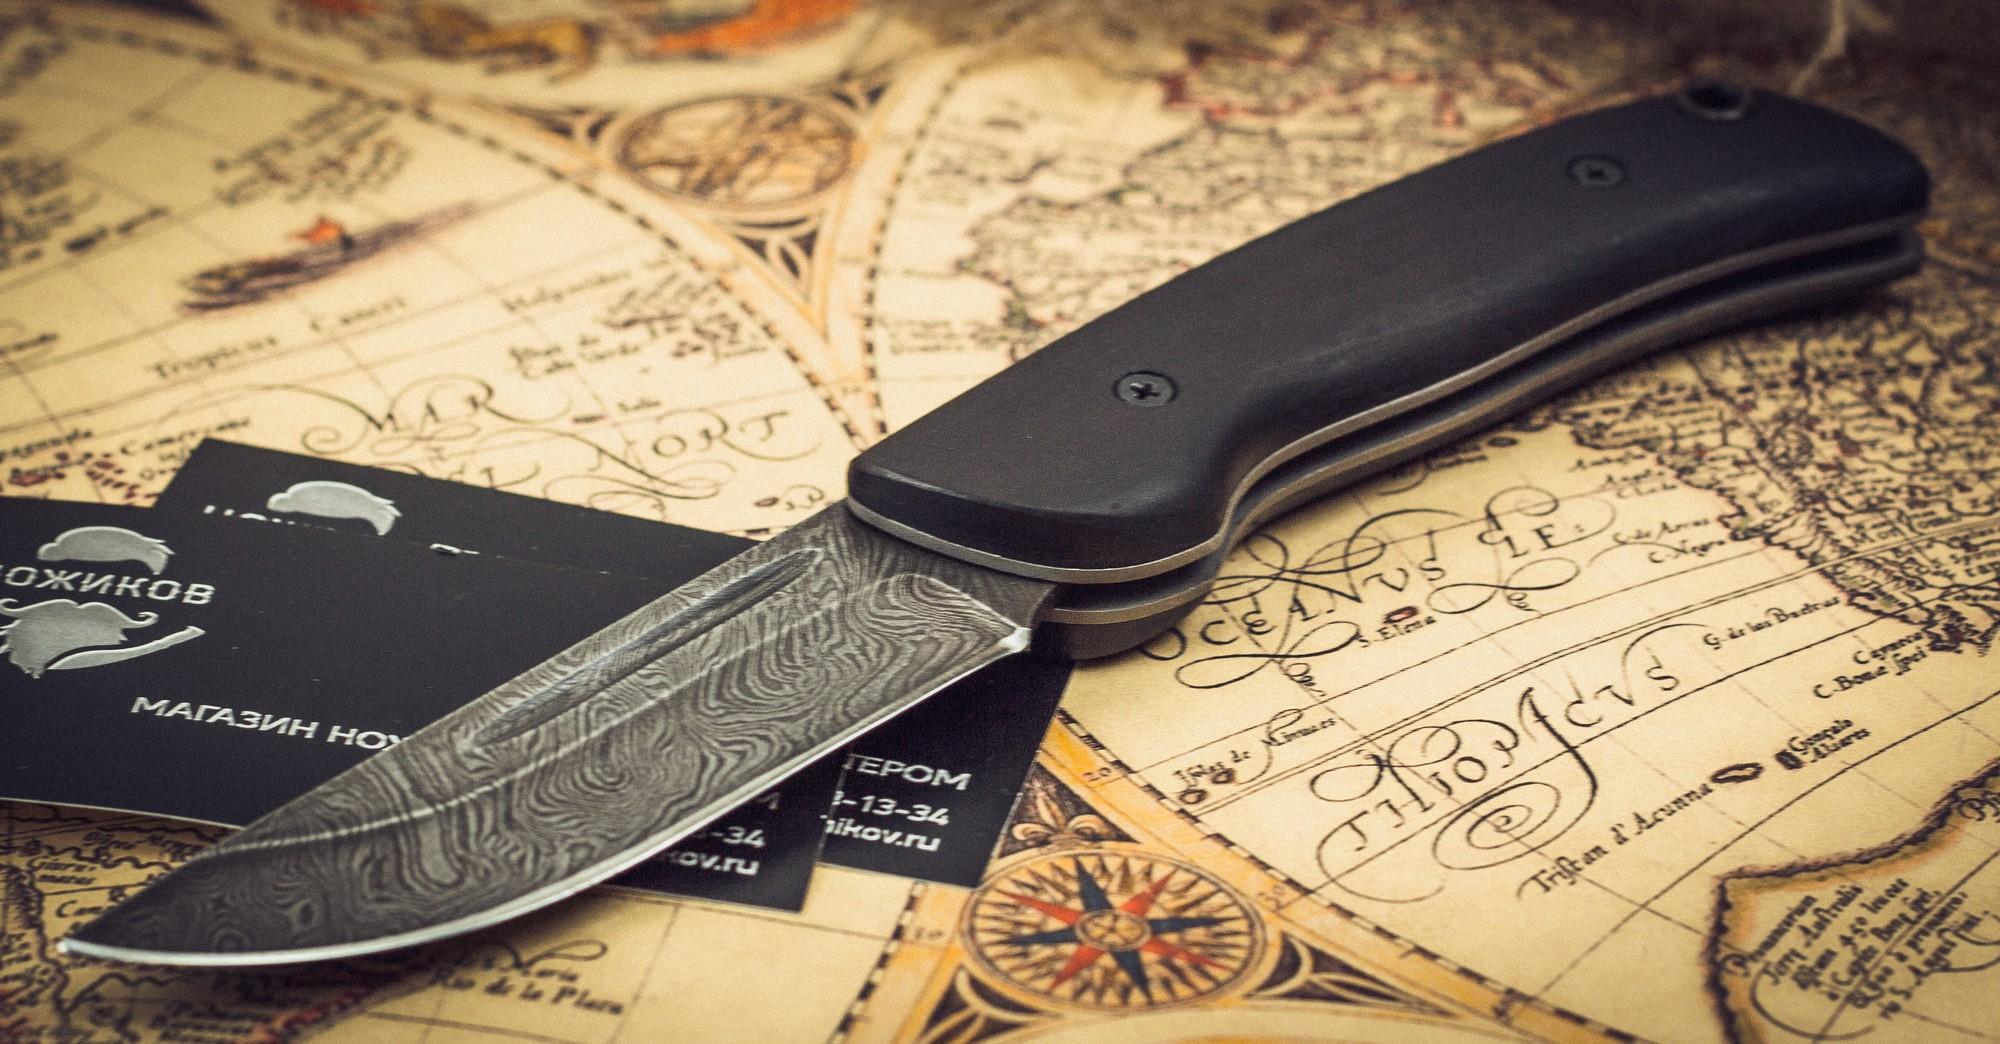 Фото 6 - Складной нож Морвин, дамаск, граб от Марычев